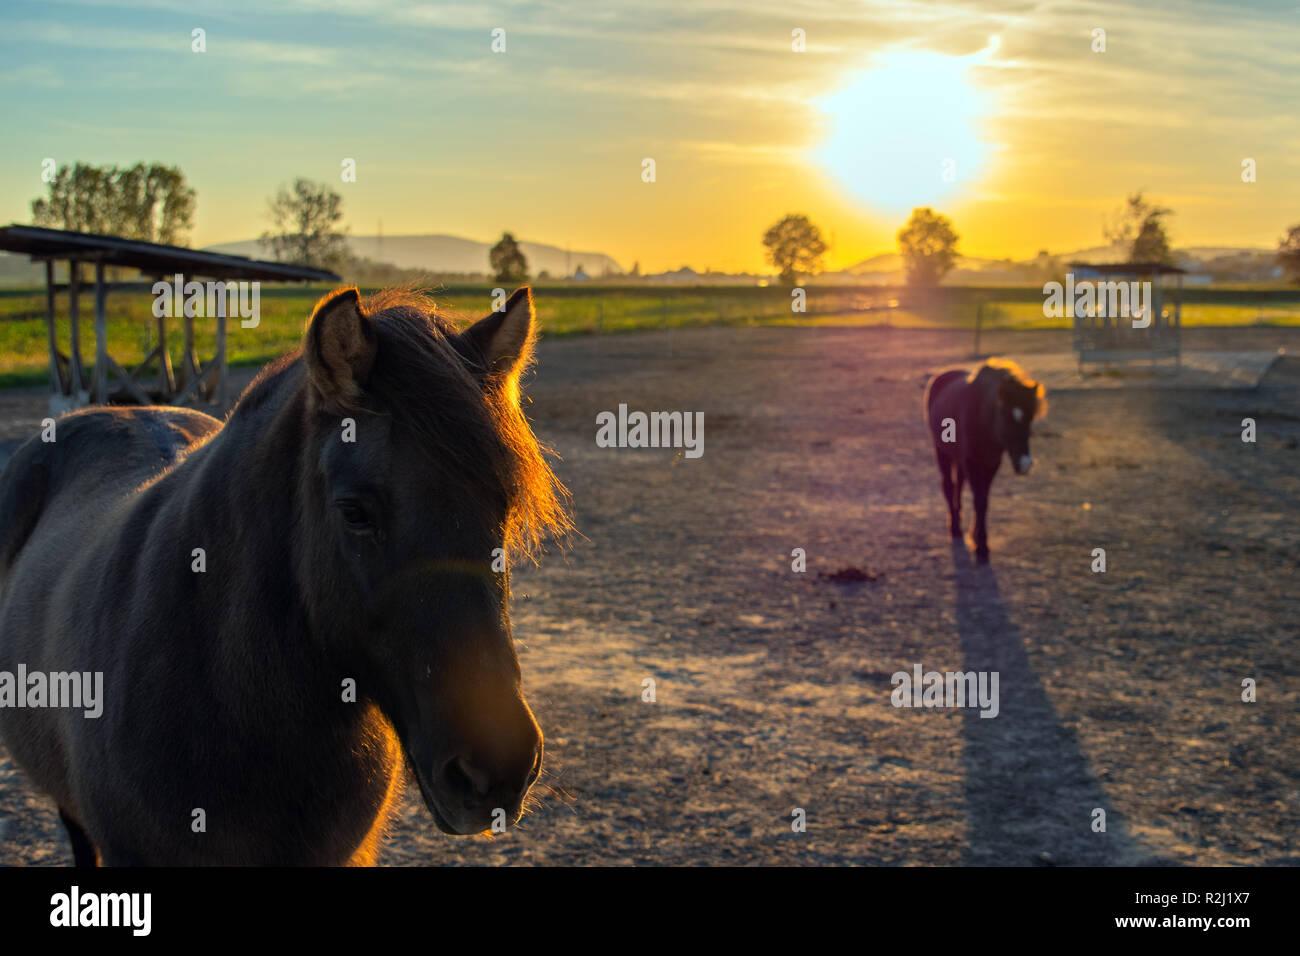 Pferde bei Sonnenuntergang - Stock Image